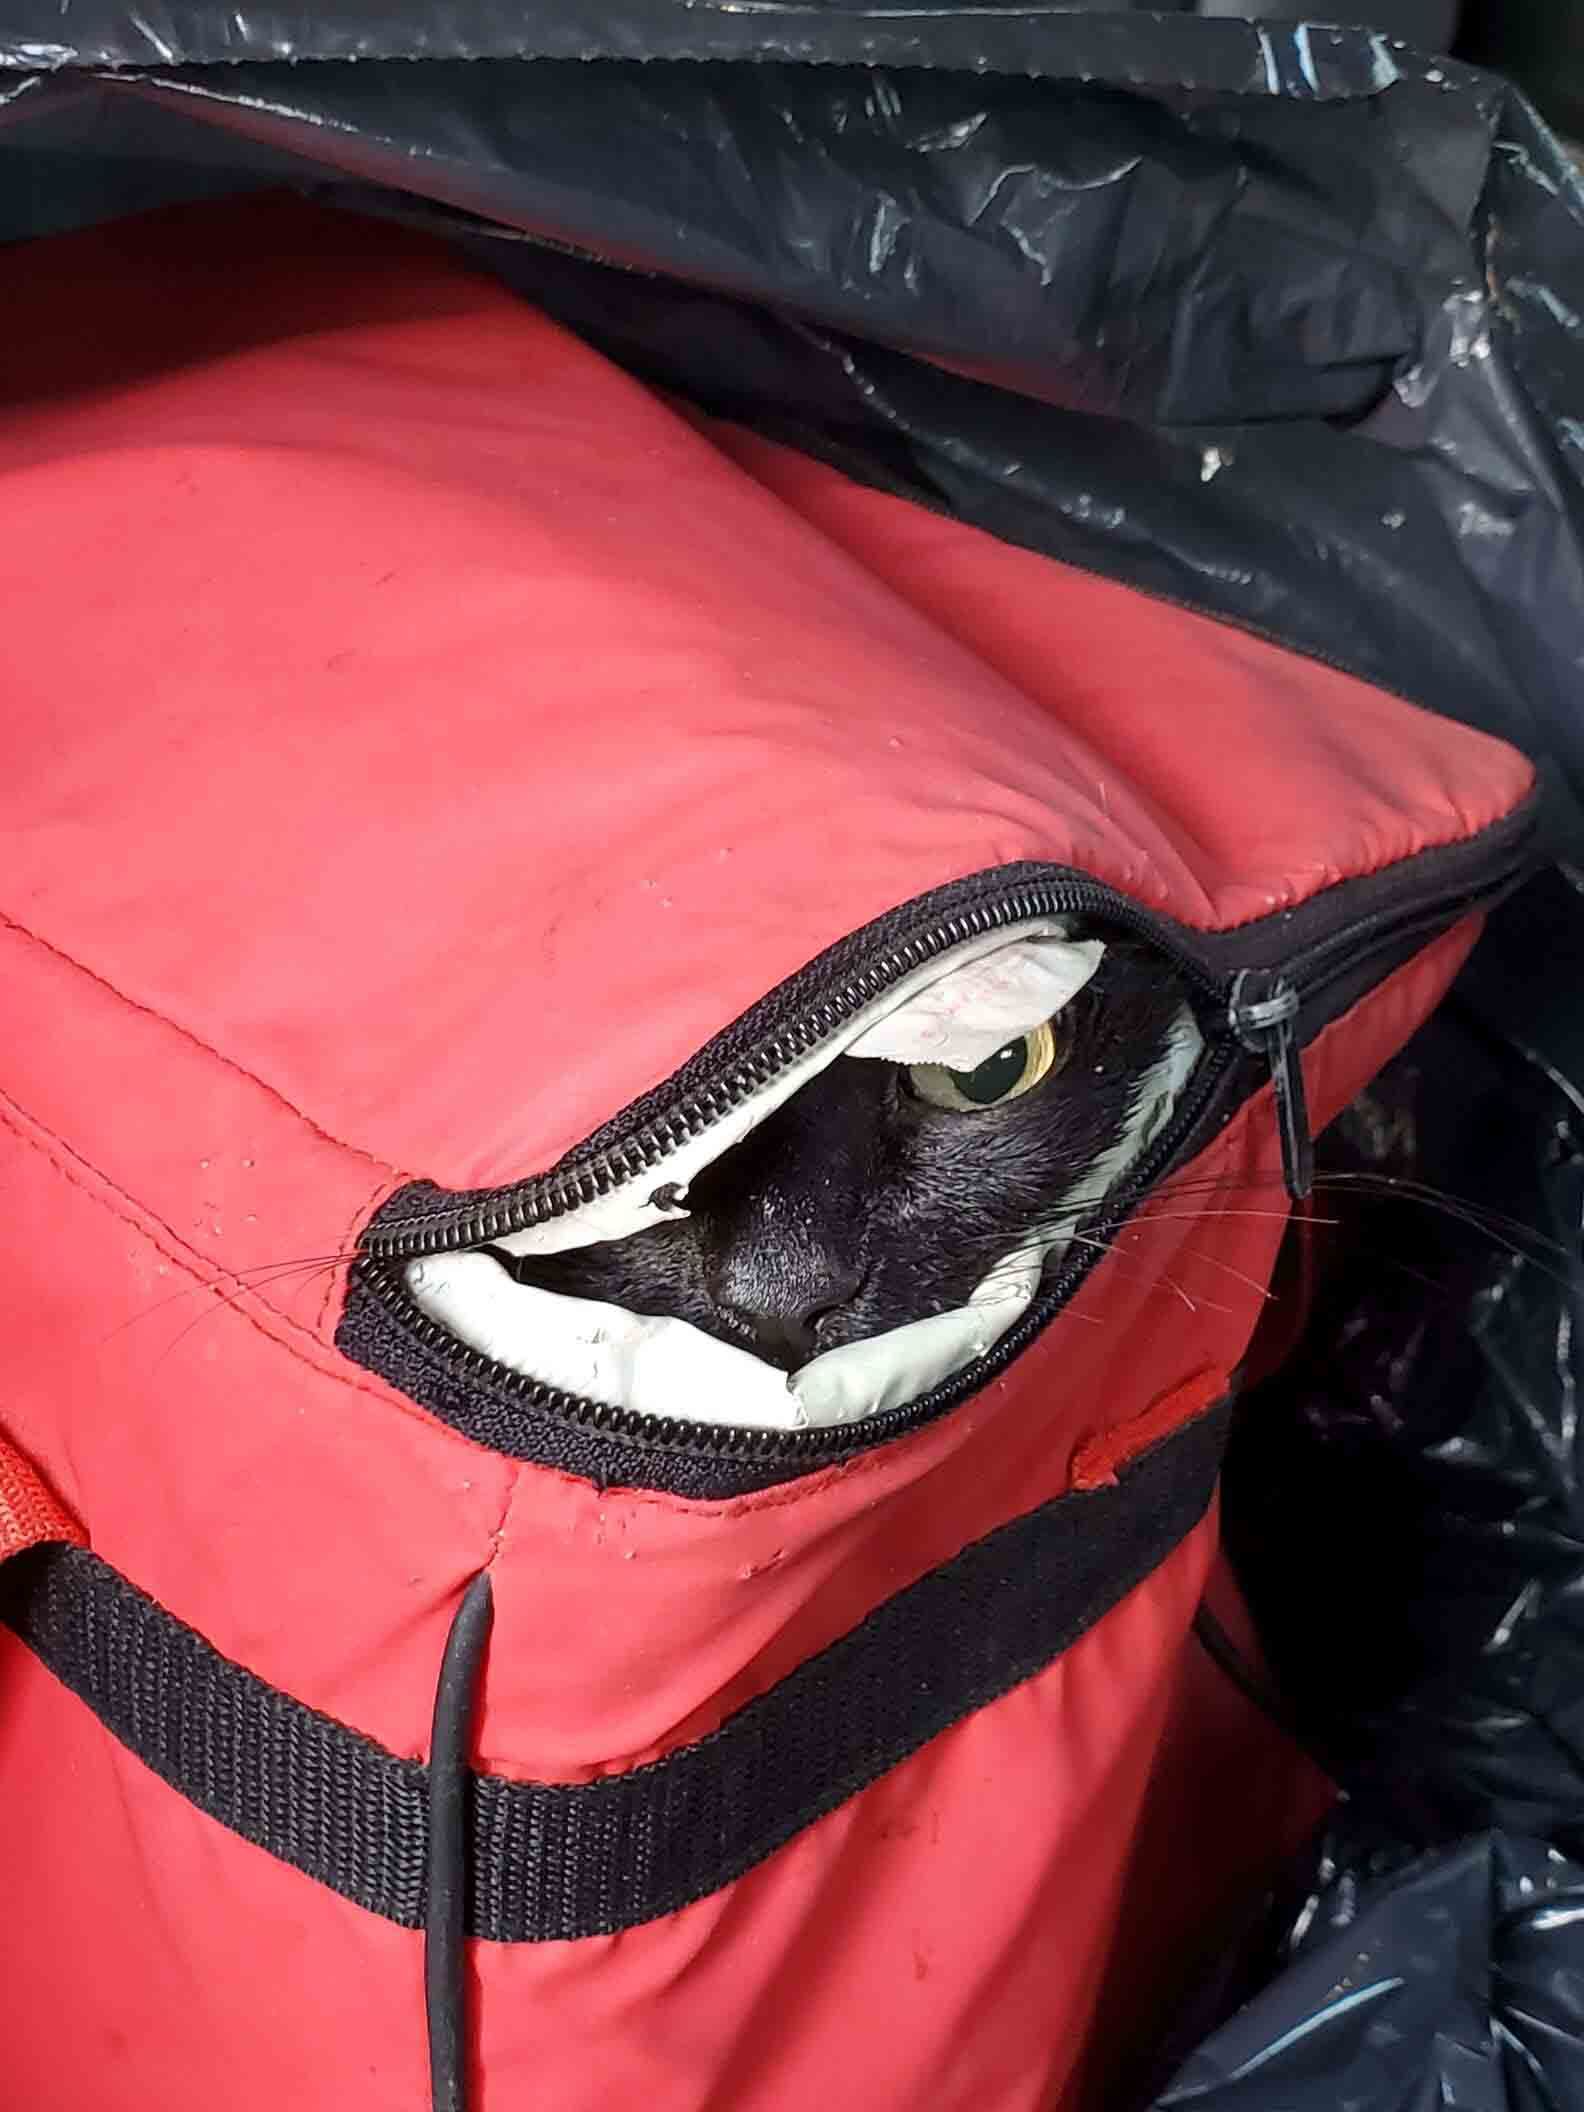 Cachorro encontra uma bolsa térmica com um gato dentro